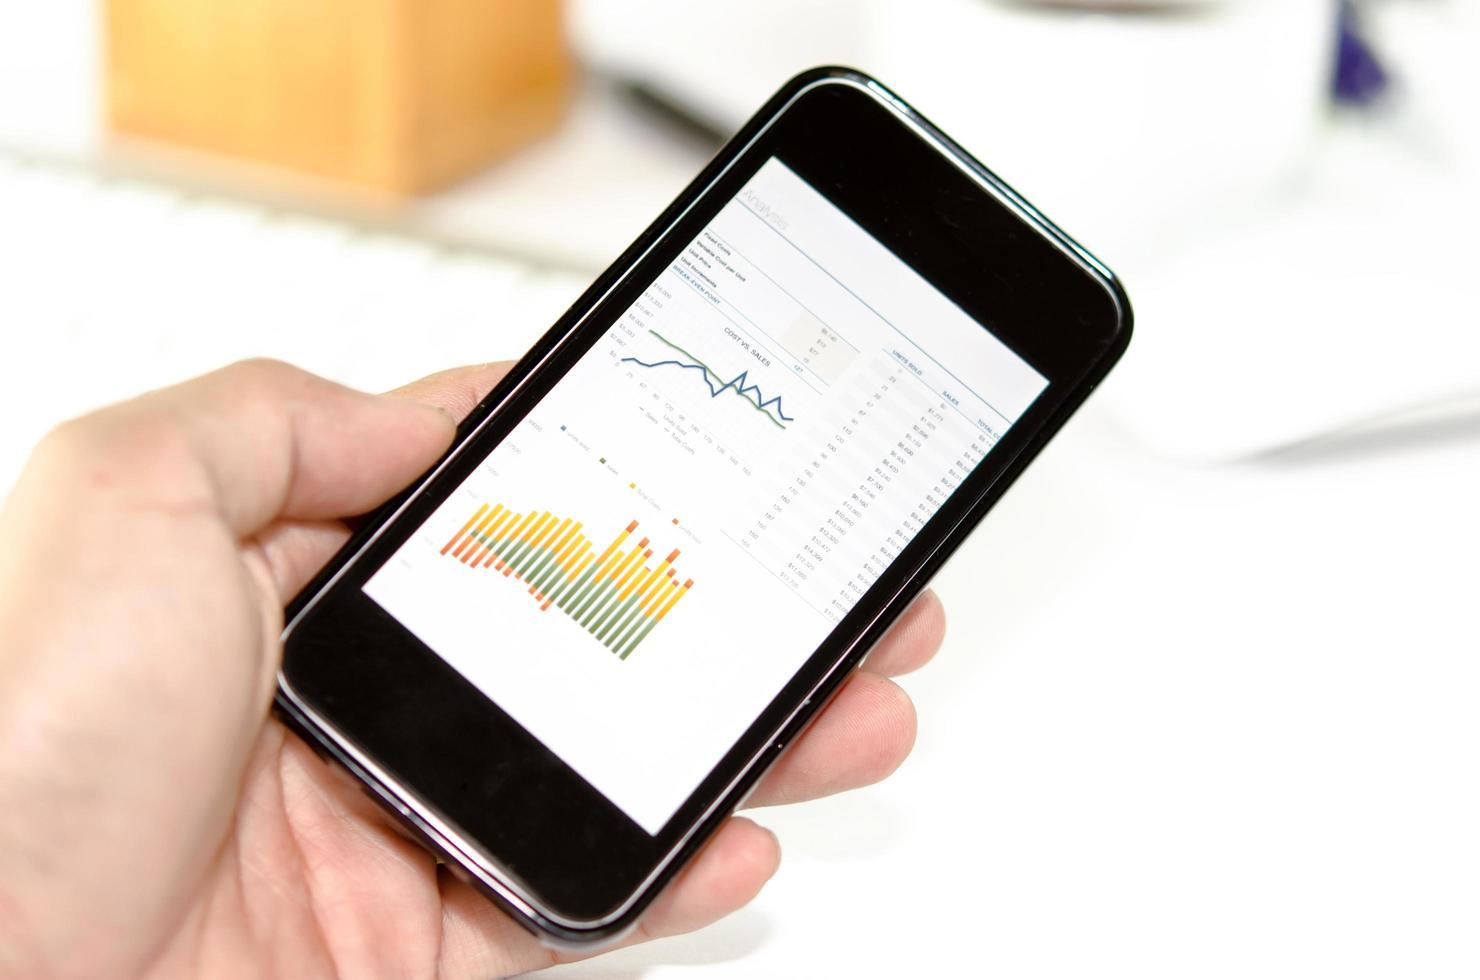 grafieken op een smartphone in de hand foto